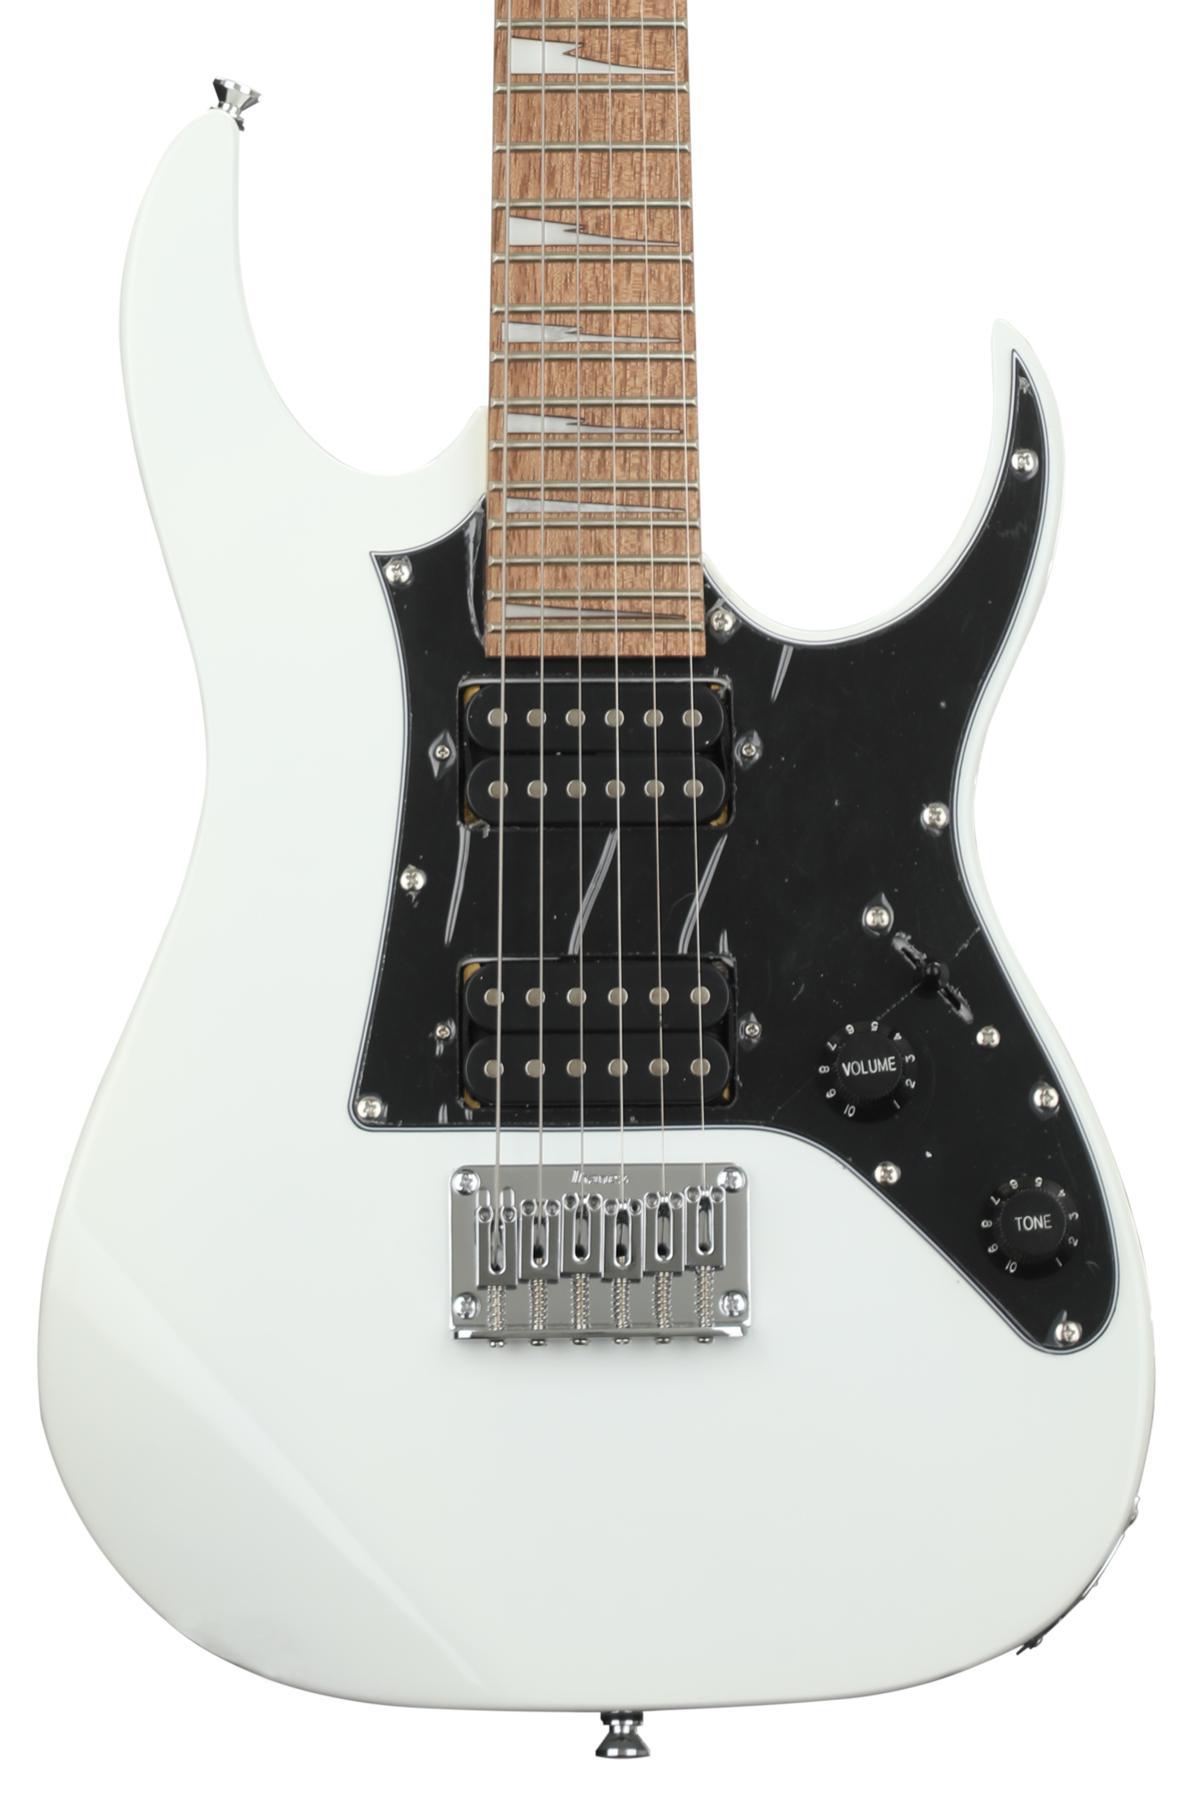 5. Ibanez Mikro – GRGM21